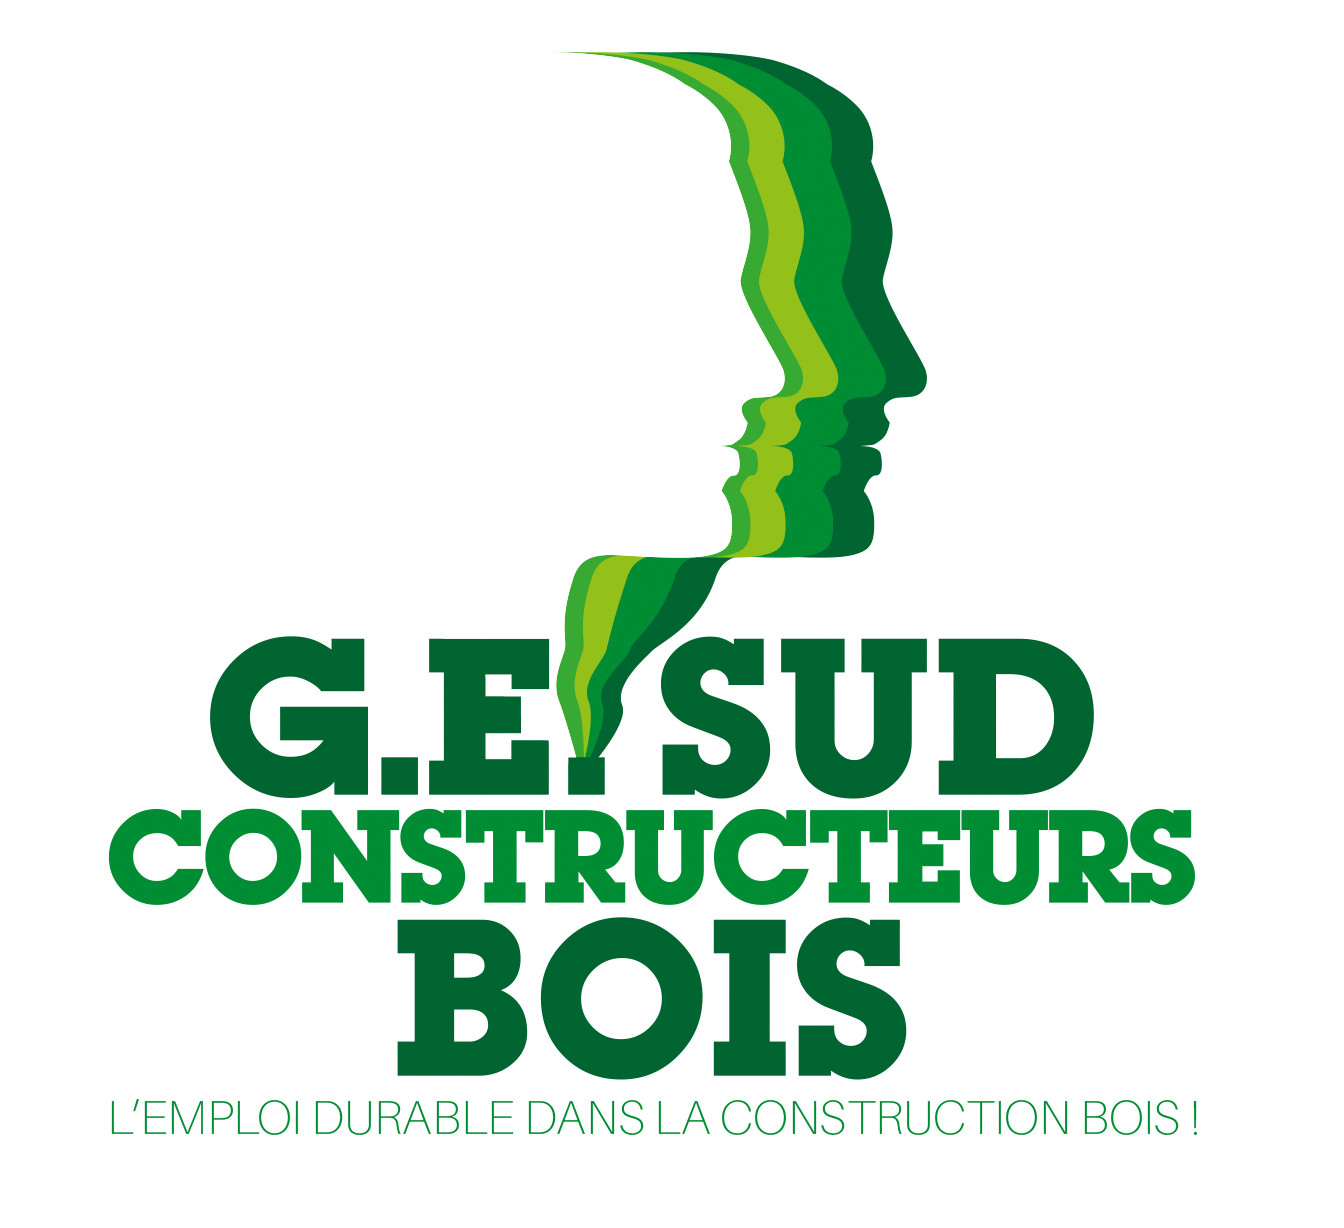 GE Sud Constructeurs Bois